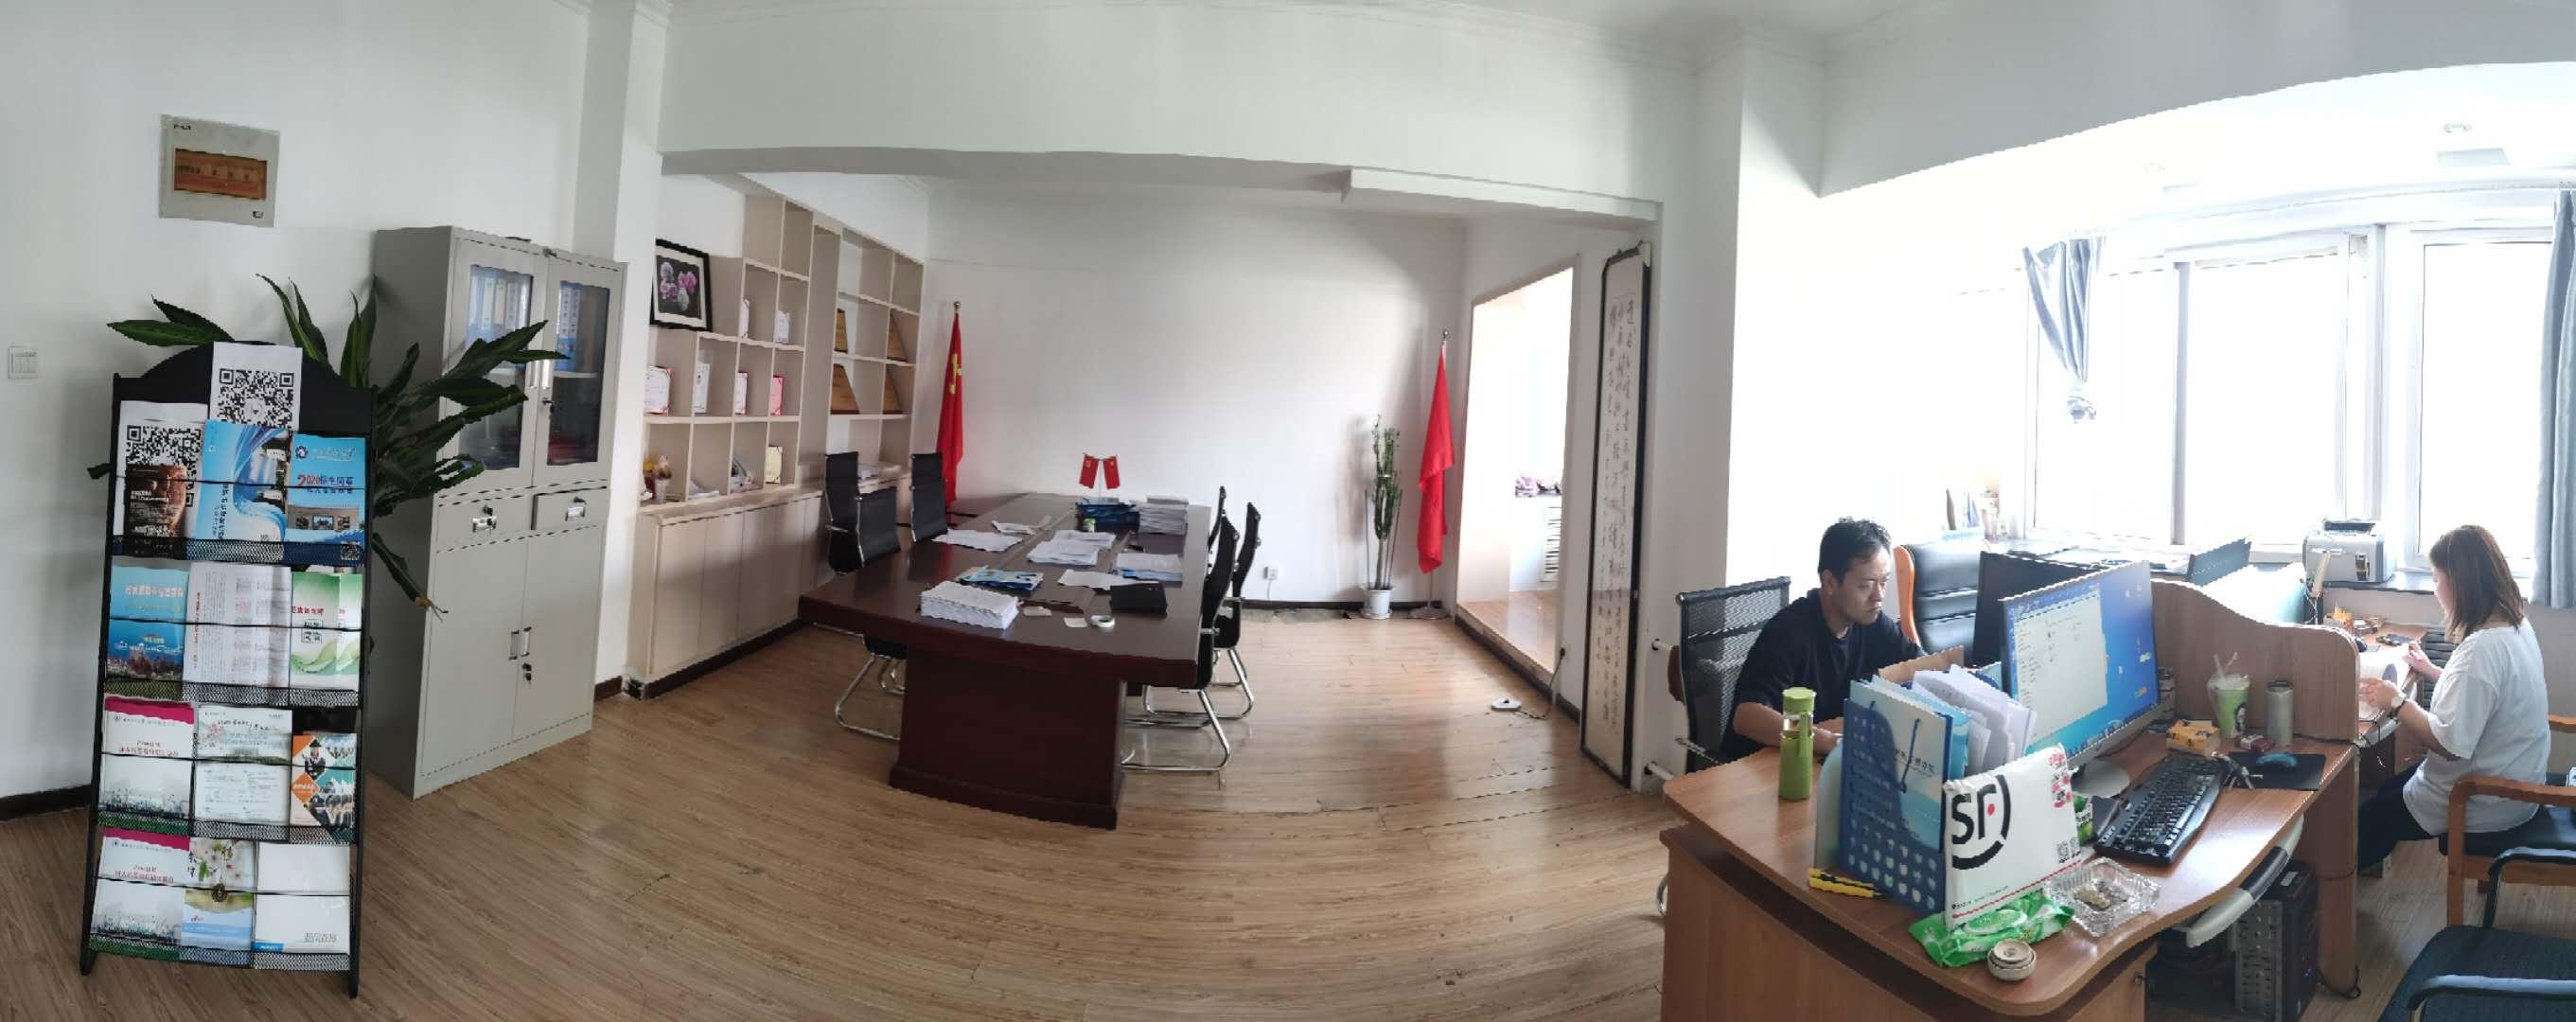 新科技专修学院教职工办公地点展示